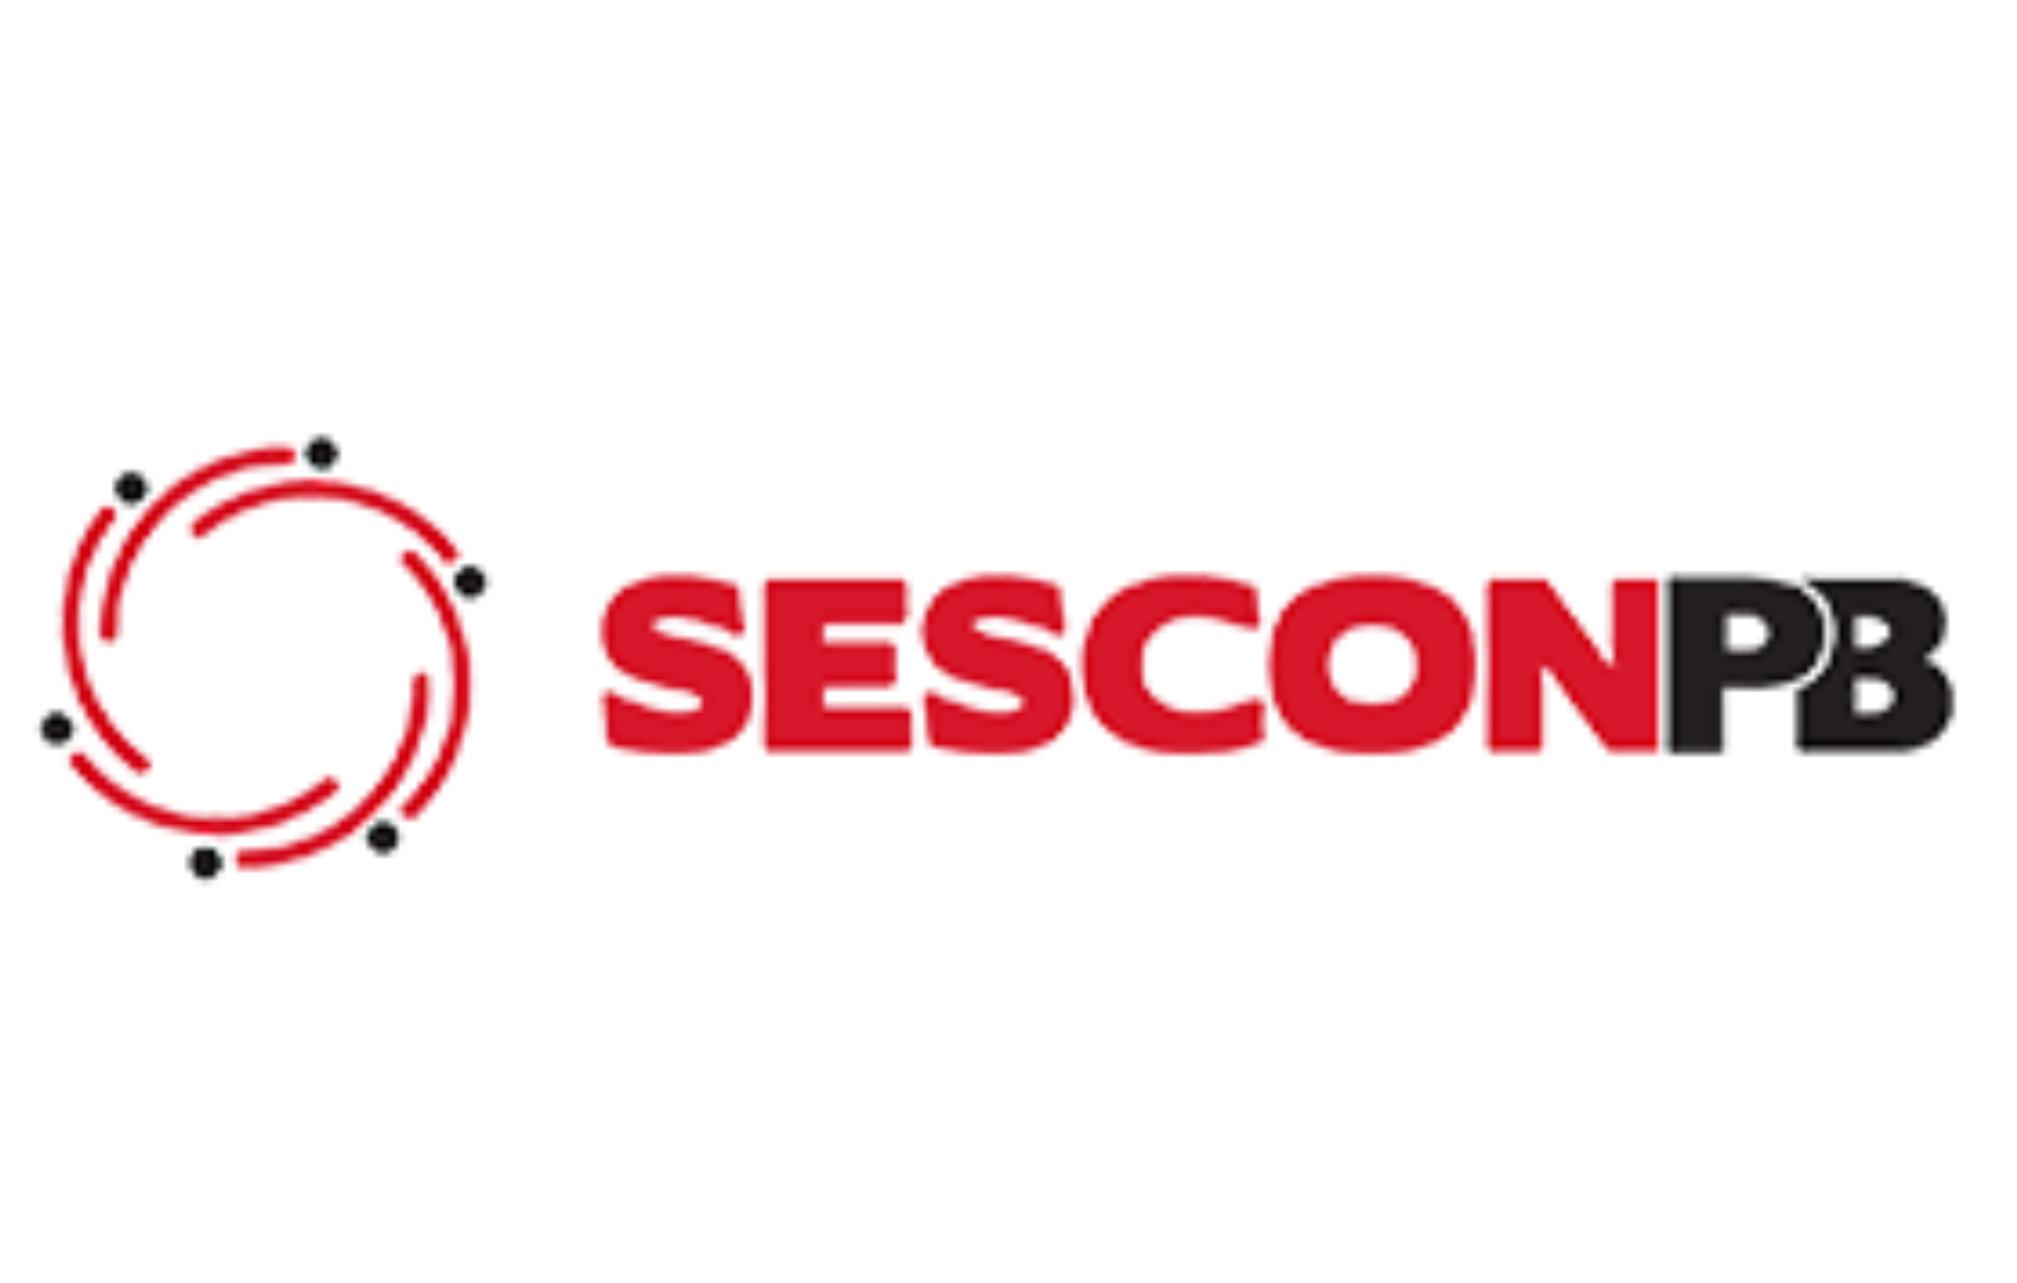 sescon pb